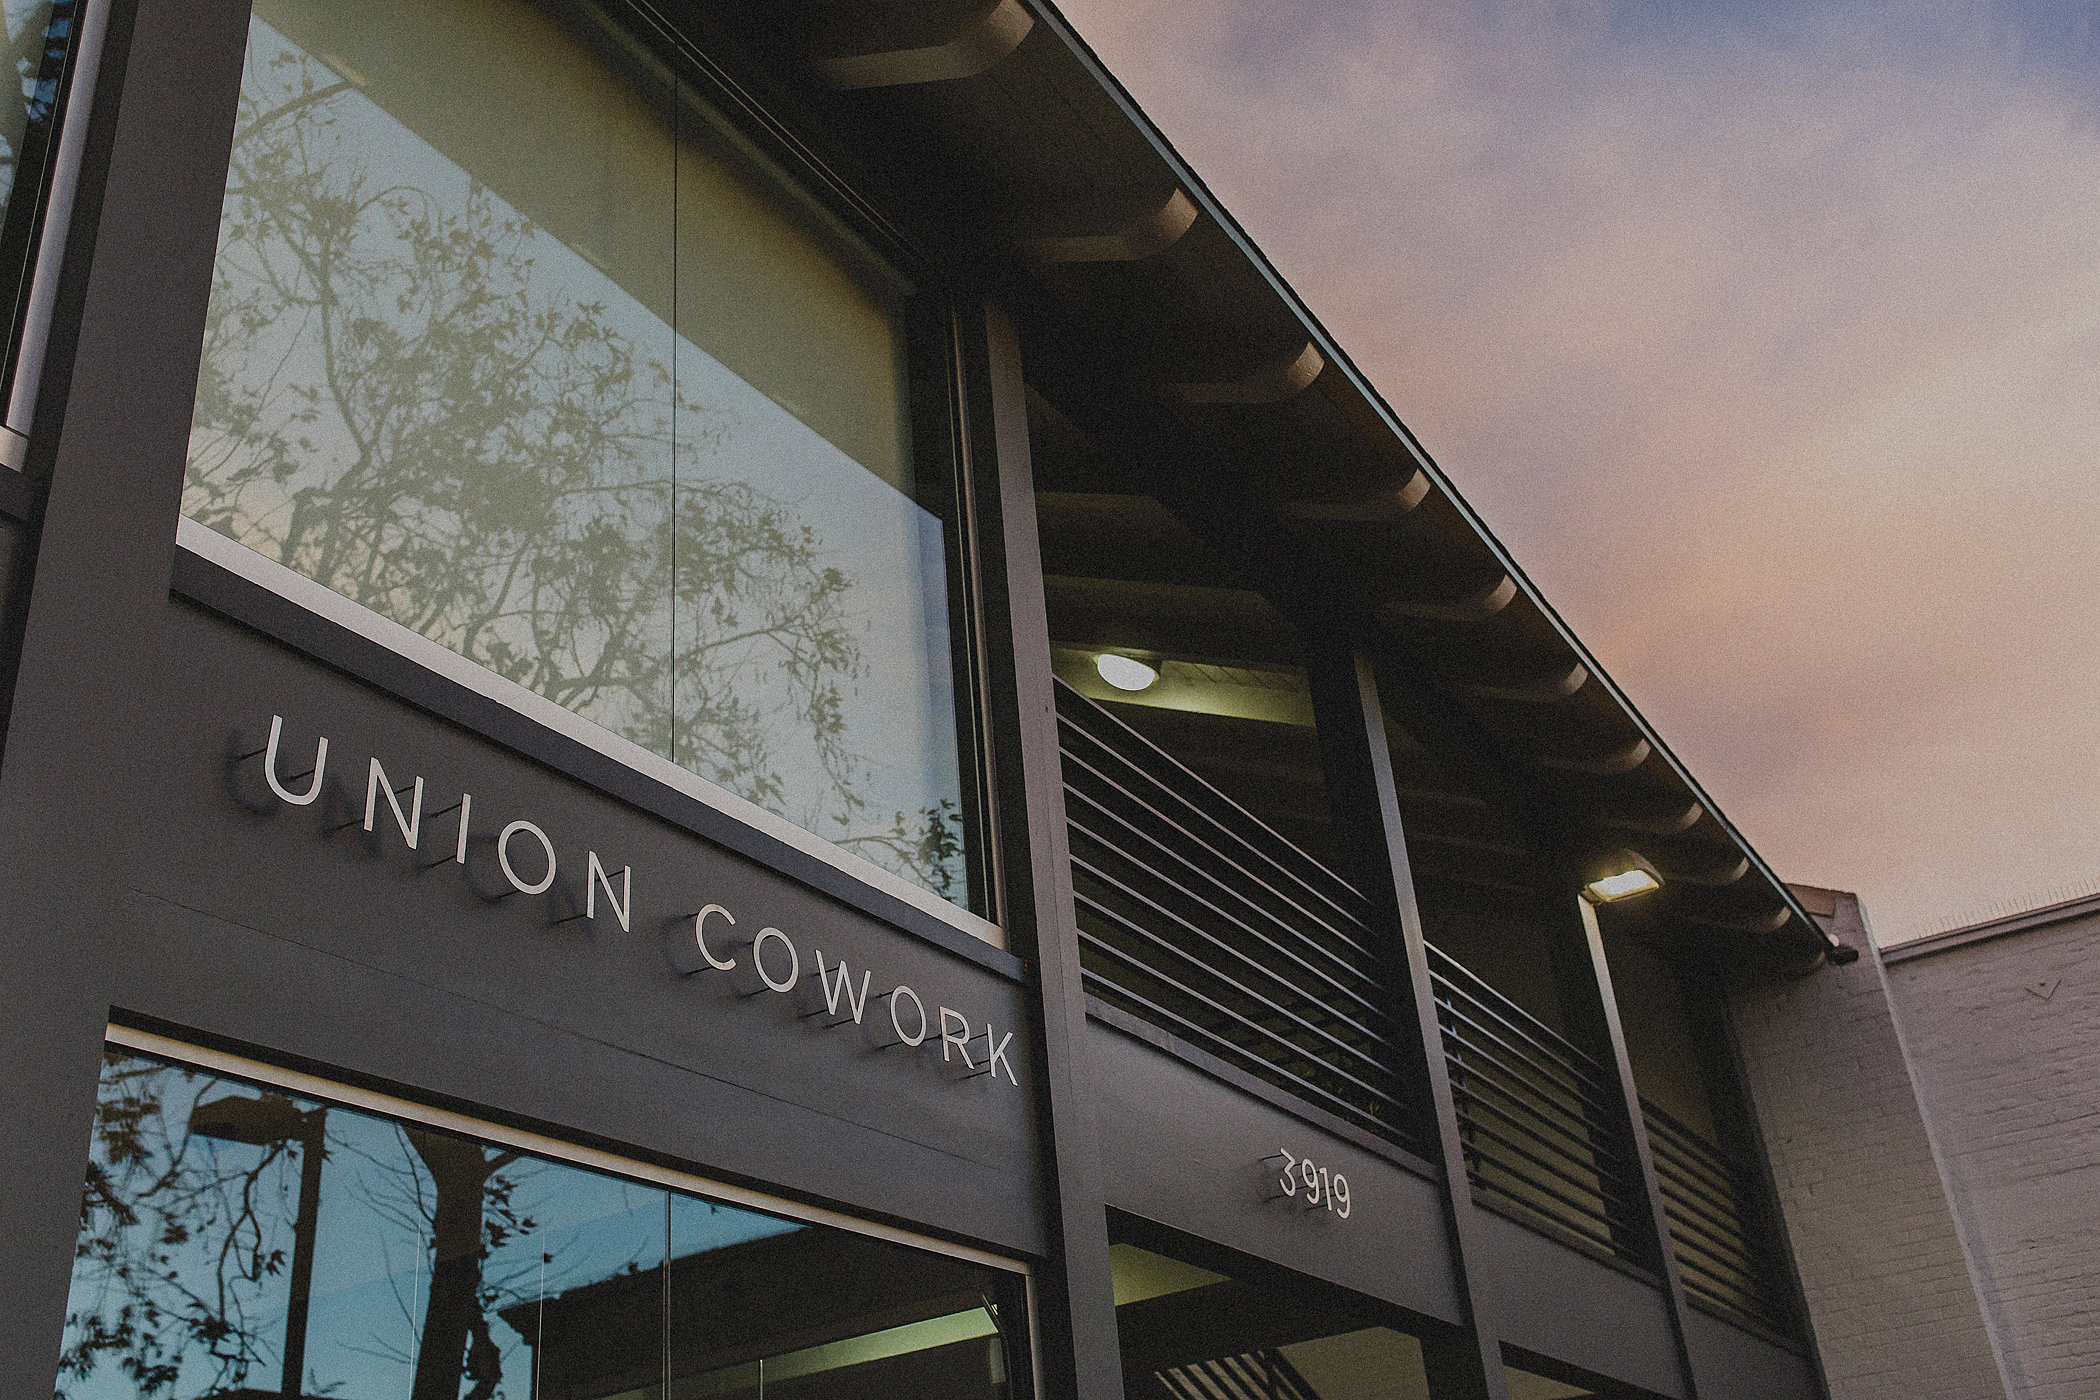 Union Cowork, San Diego